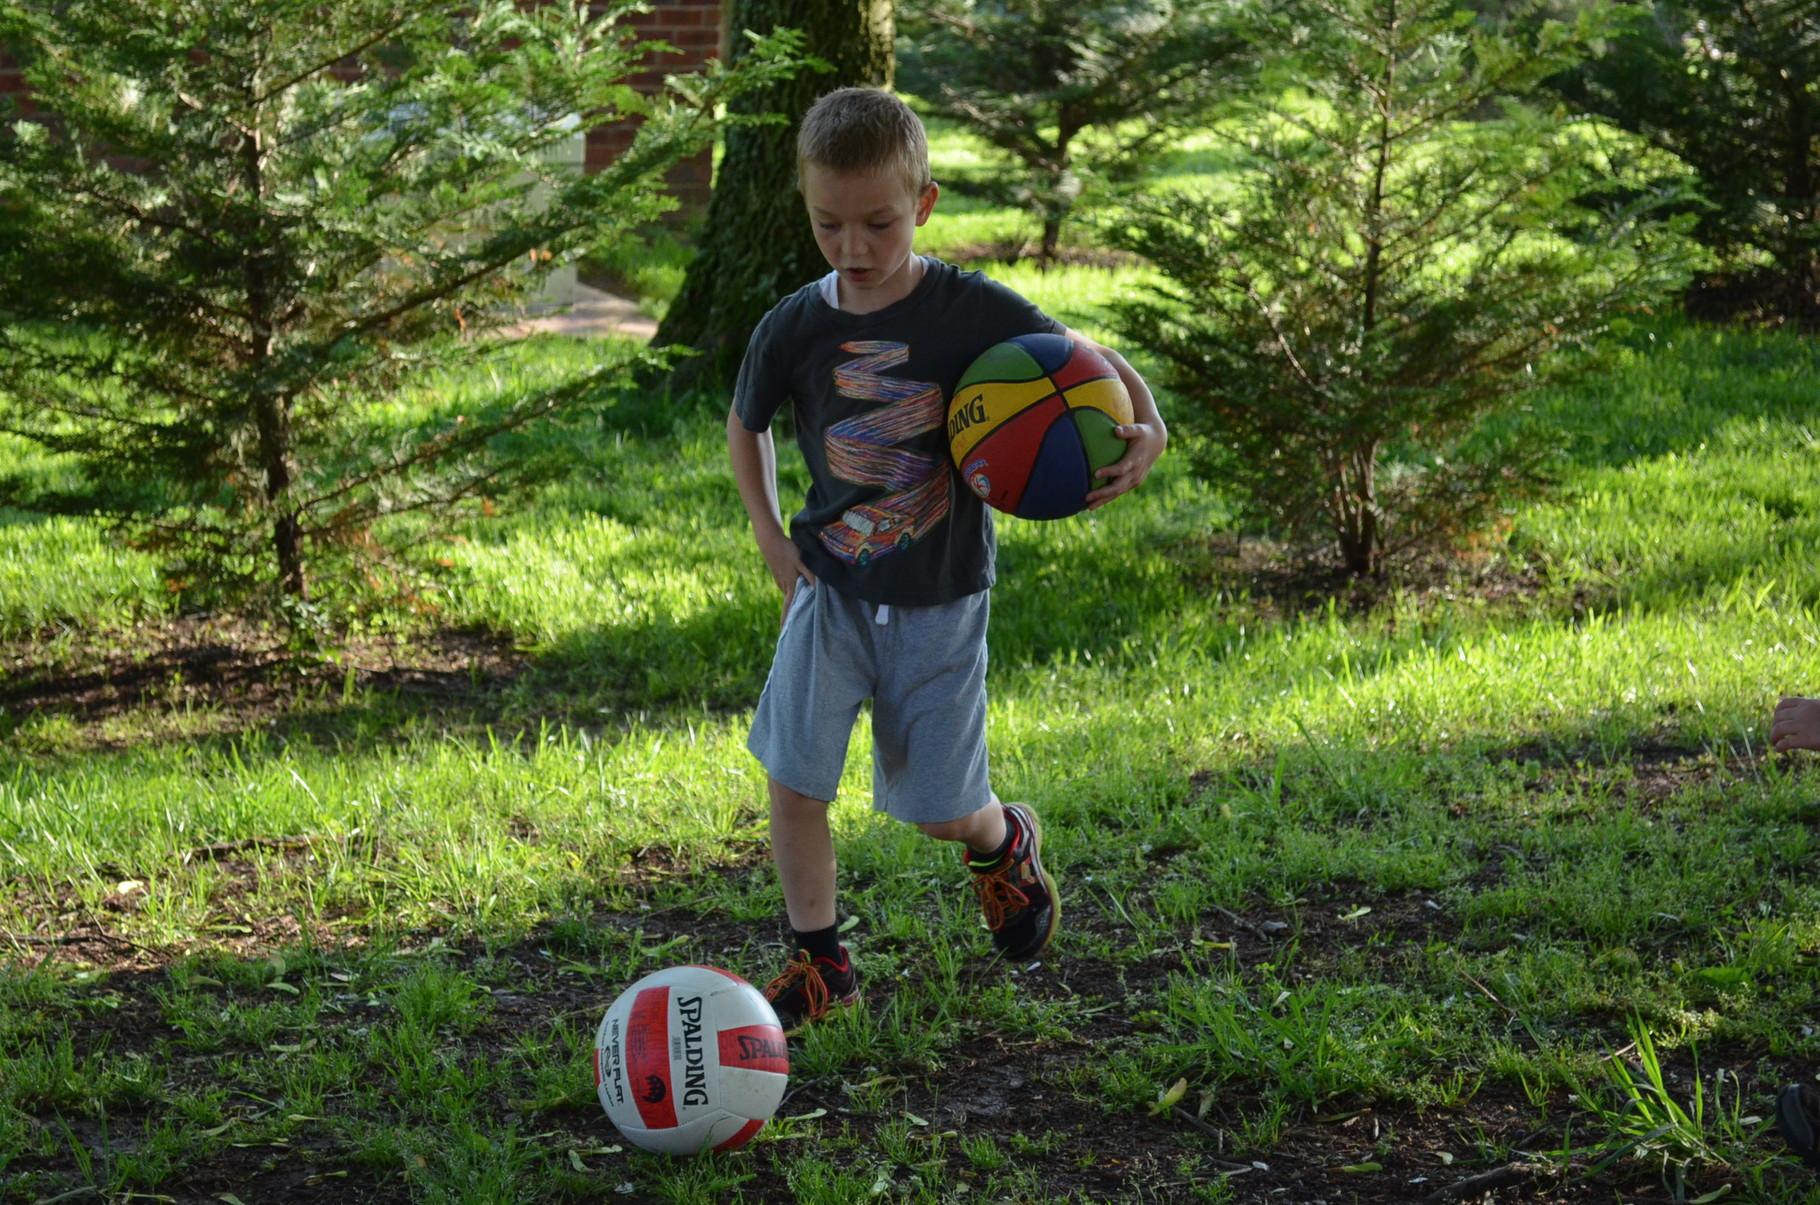 A. spielt Ball